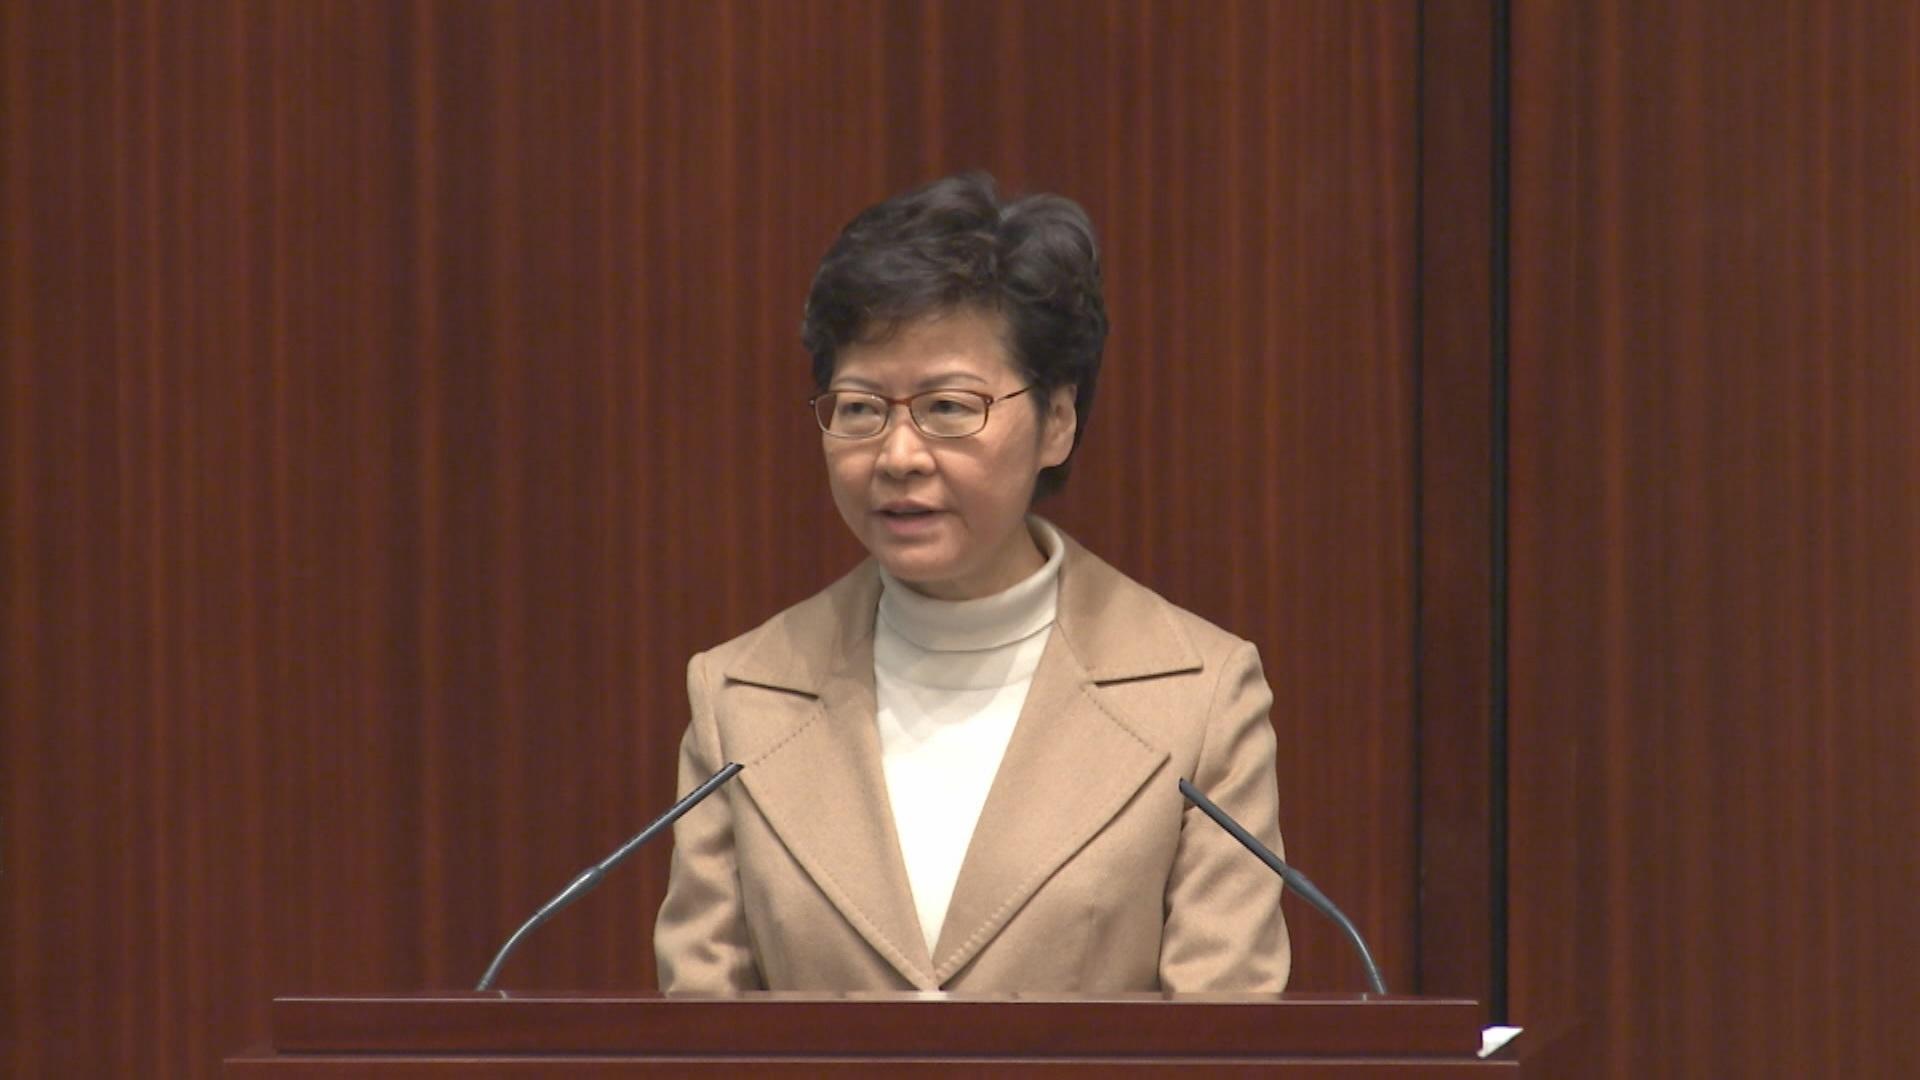 建制派促推全民強制檢測  消息︰林鄭指有難度需配合「封城」